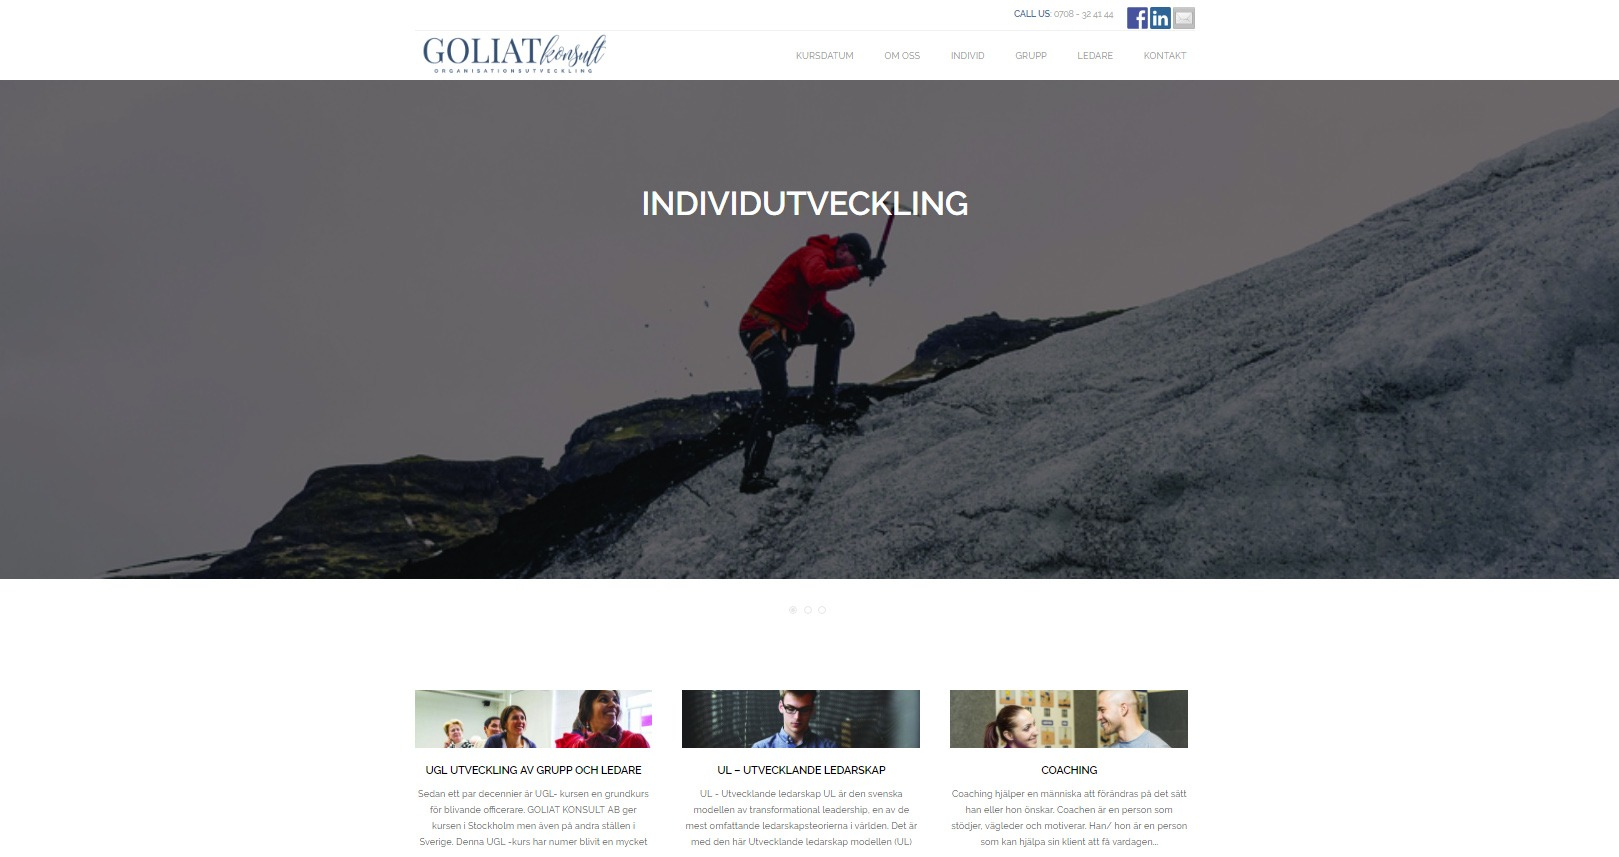 WordPress hemsida - webbdesign Goliat Konsult AB Åkersberga Stockholm - Snygg hemsida exempel och inspiration - webbyrån Hjälp med hemsidan